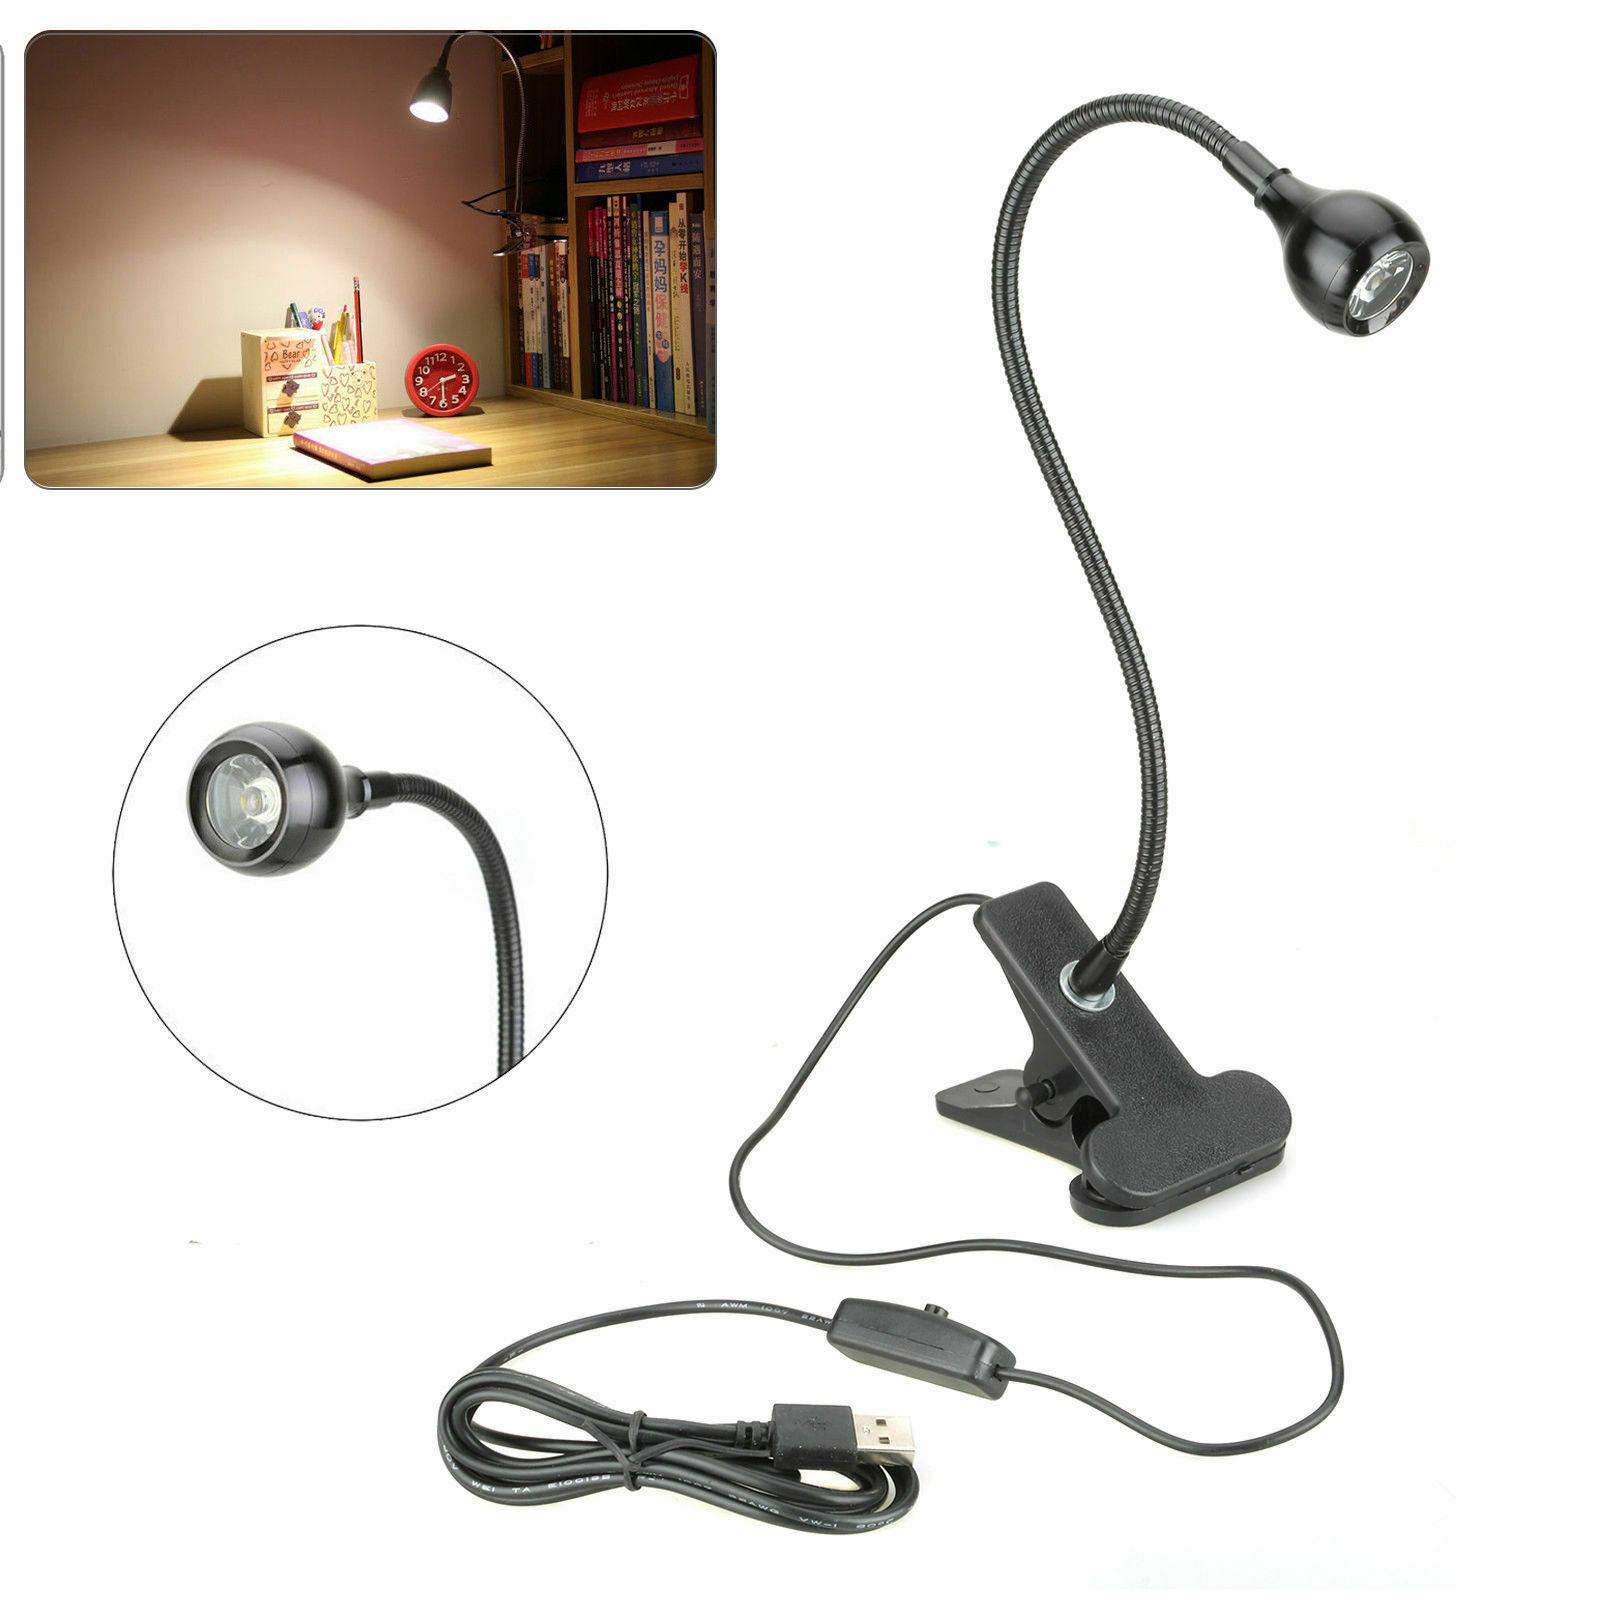 Đèn LED kẹp bàn linh hoạt chất lượng